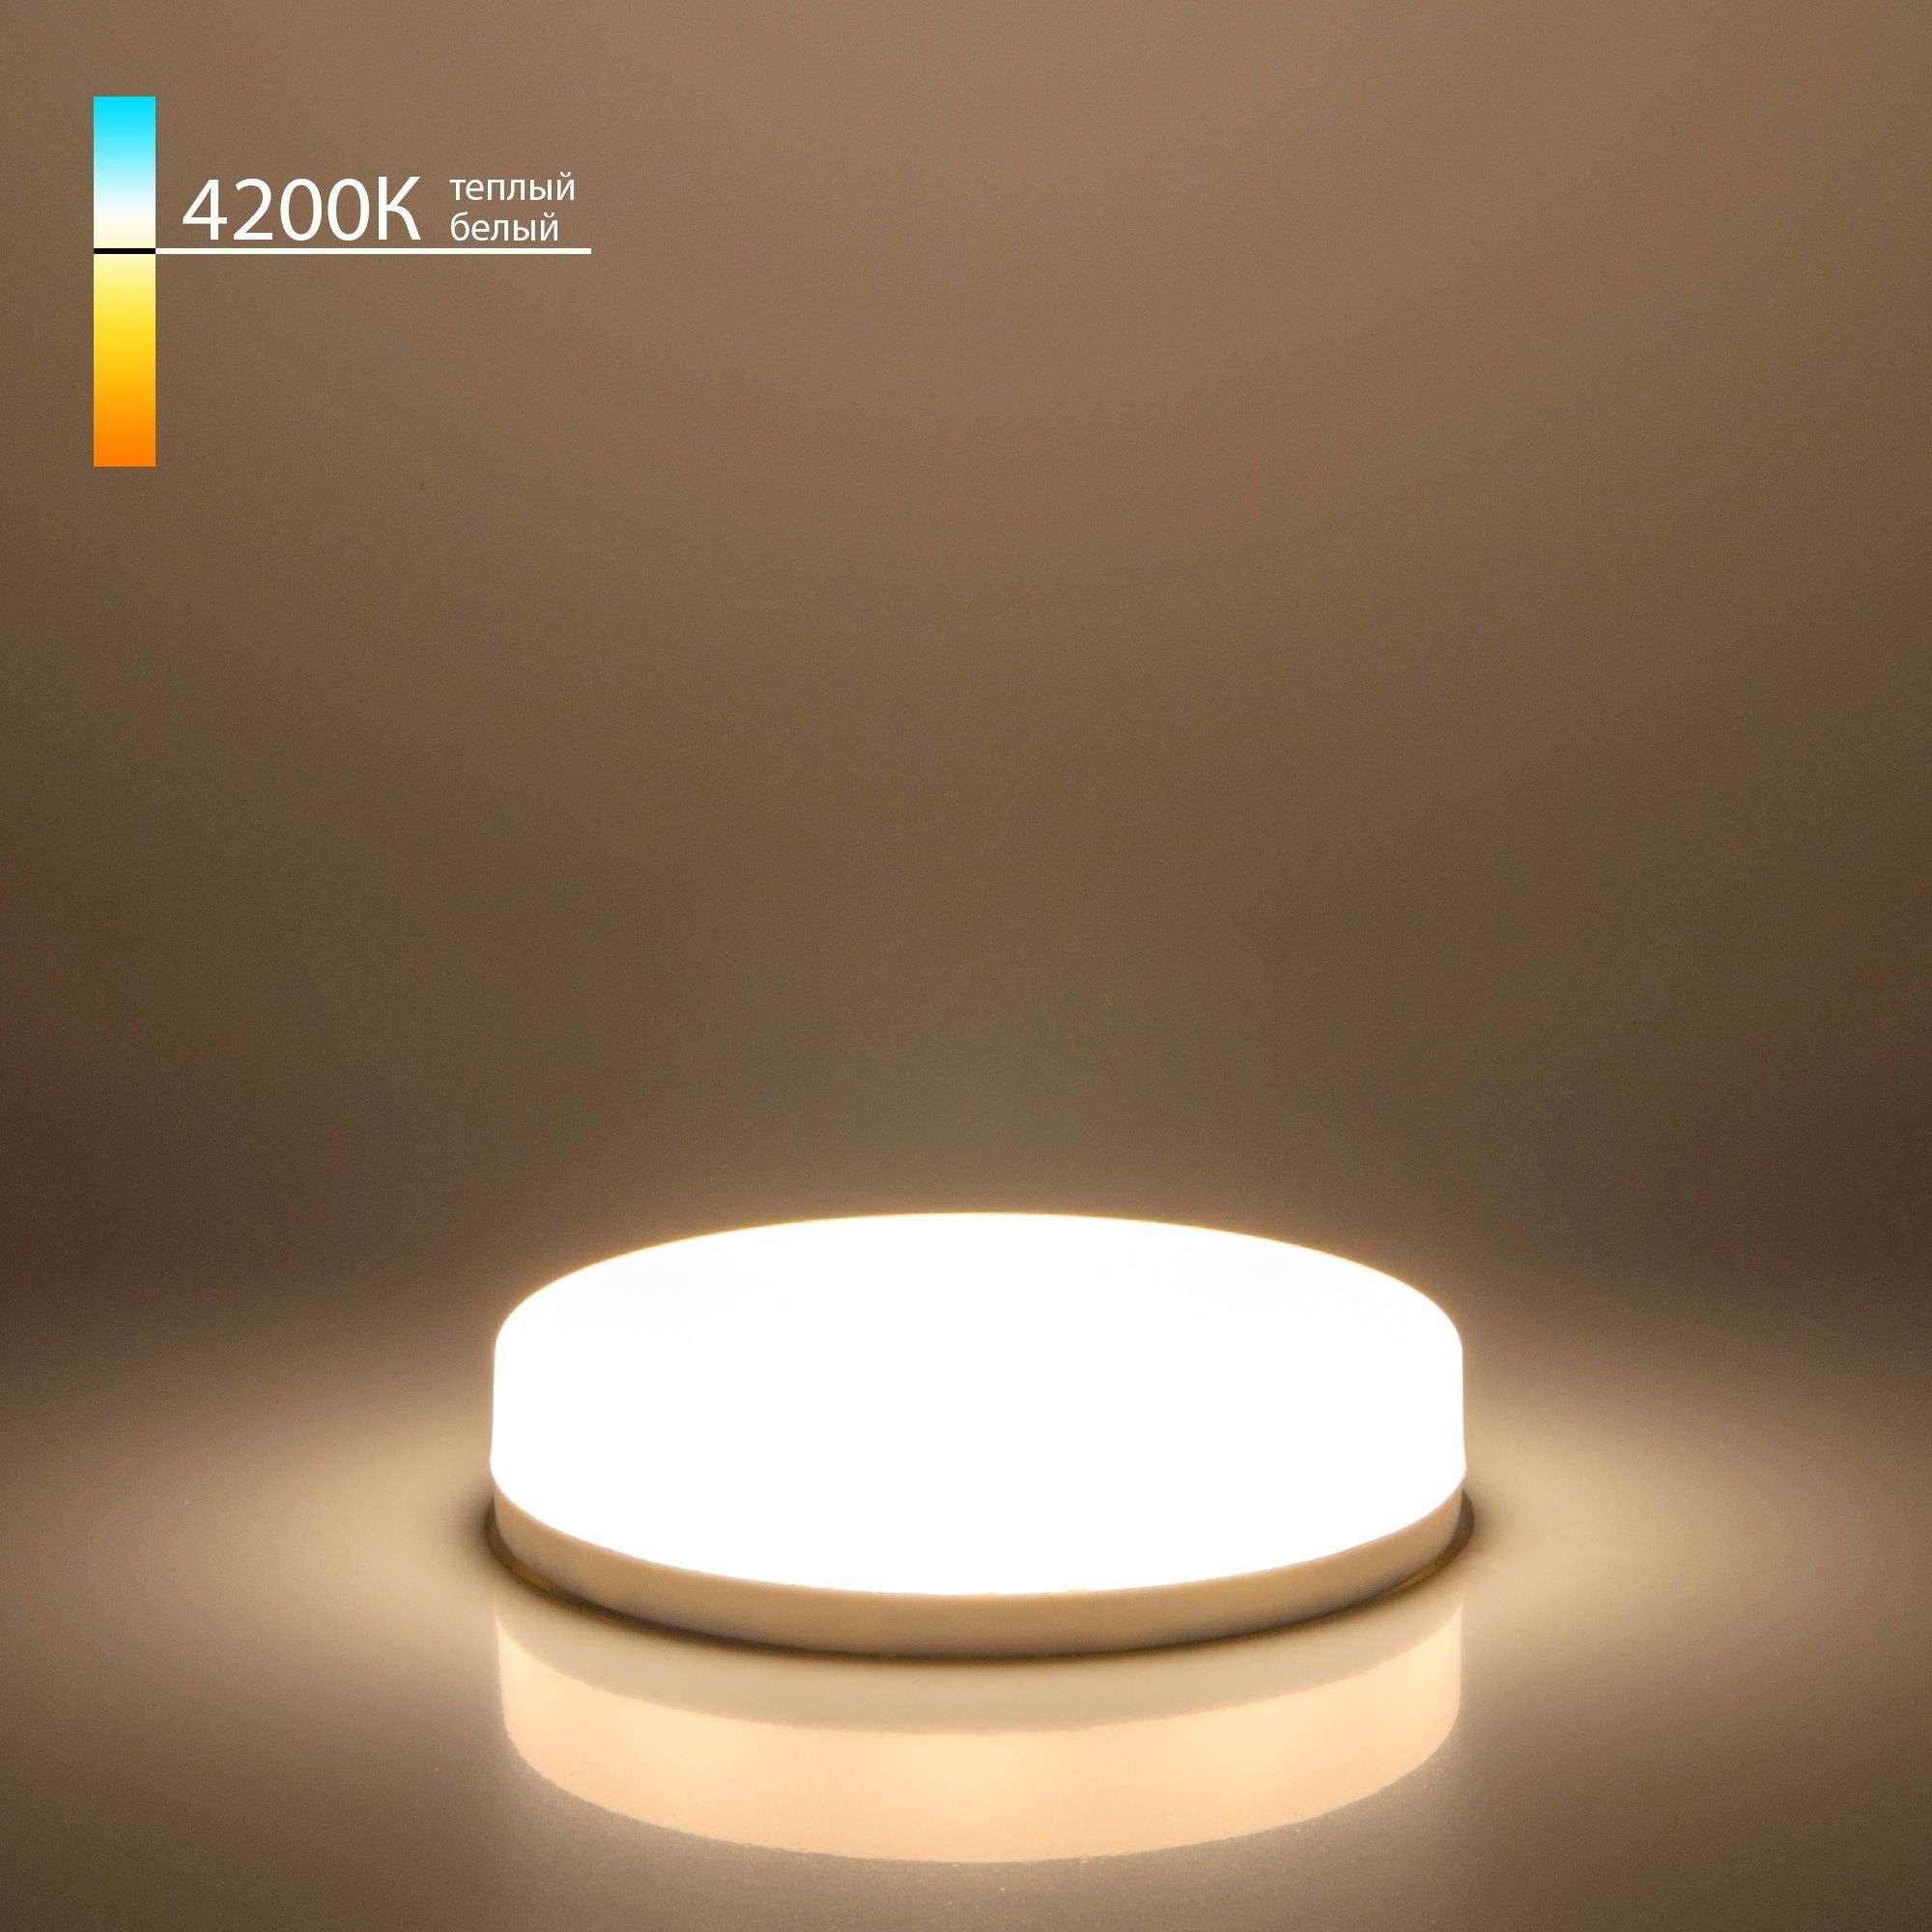 Светодиодная лампа 6W 4200K GX53 BL153